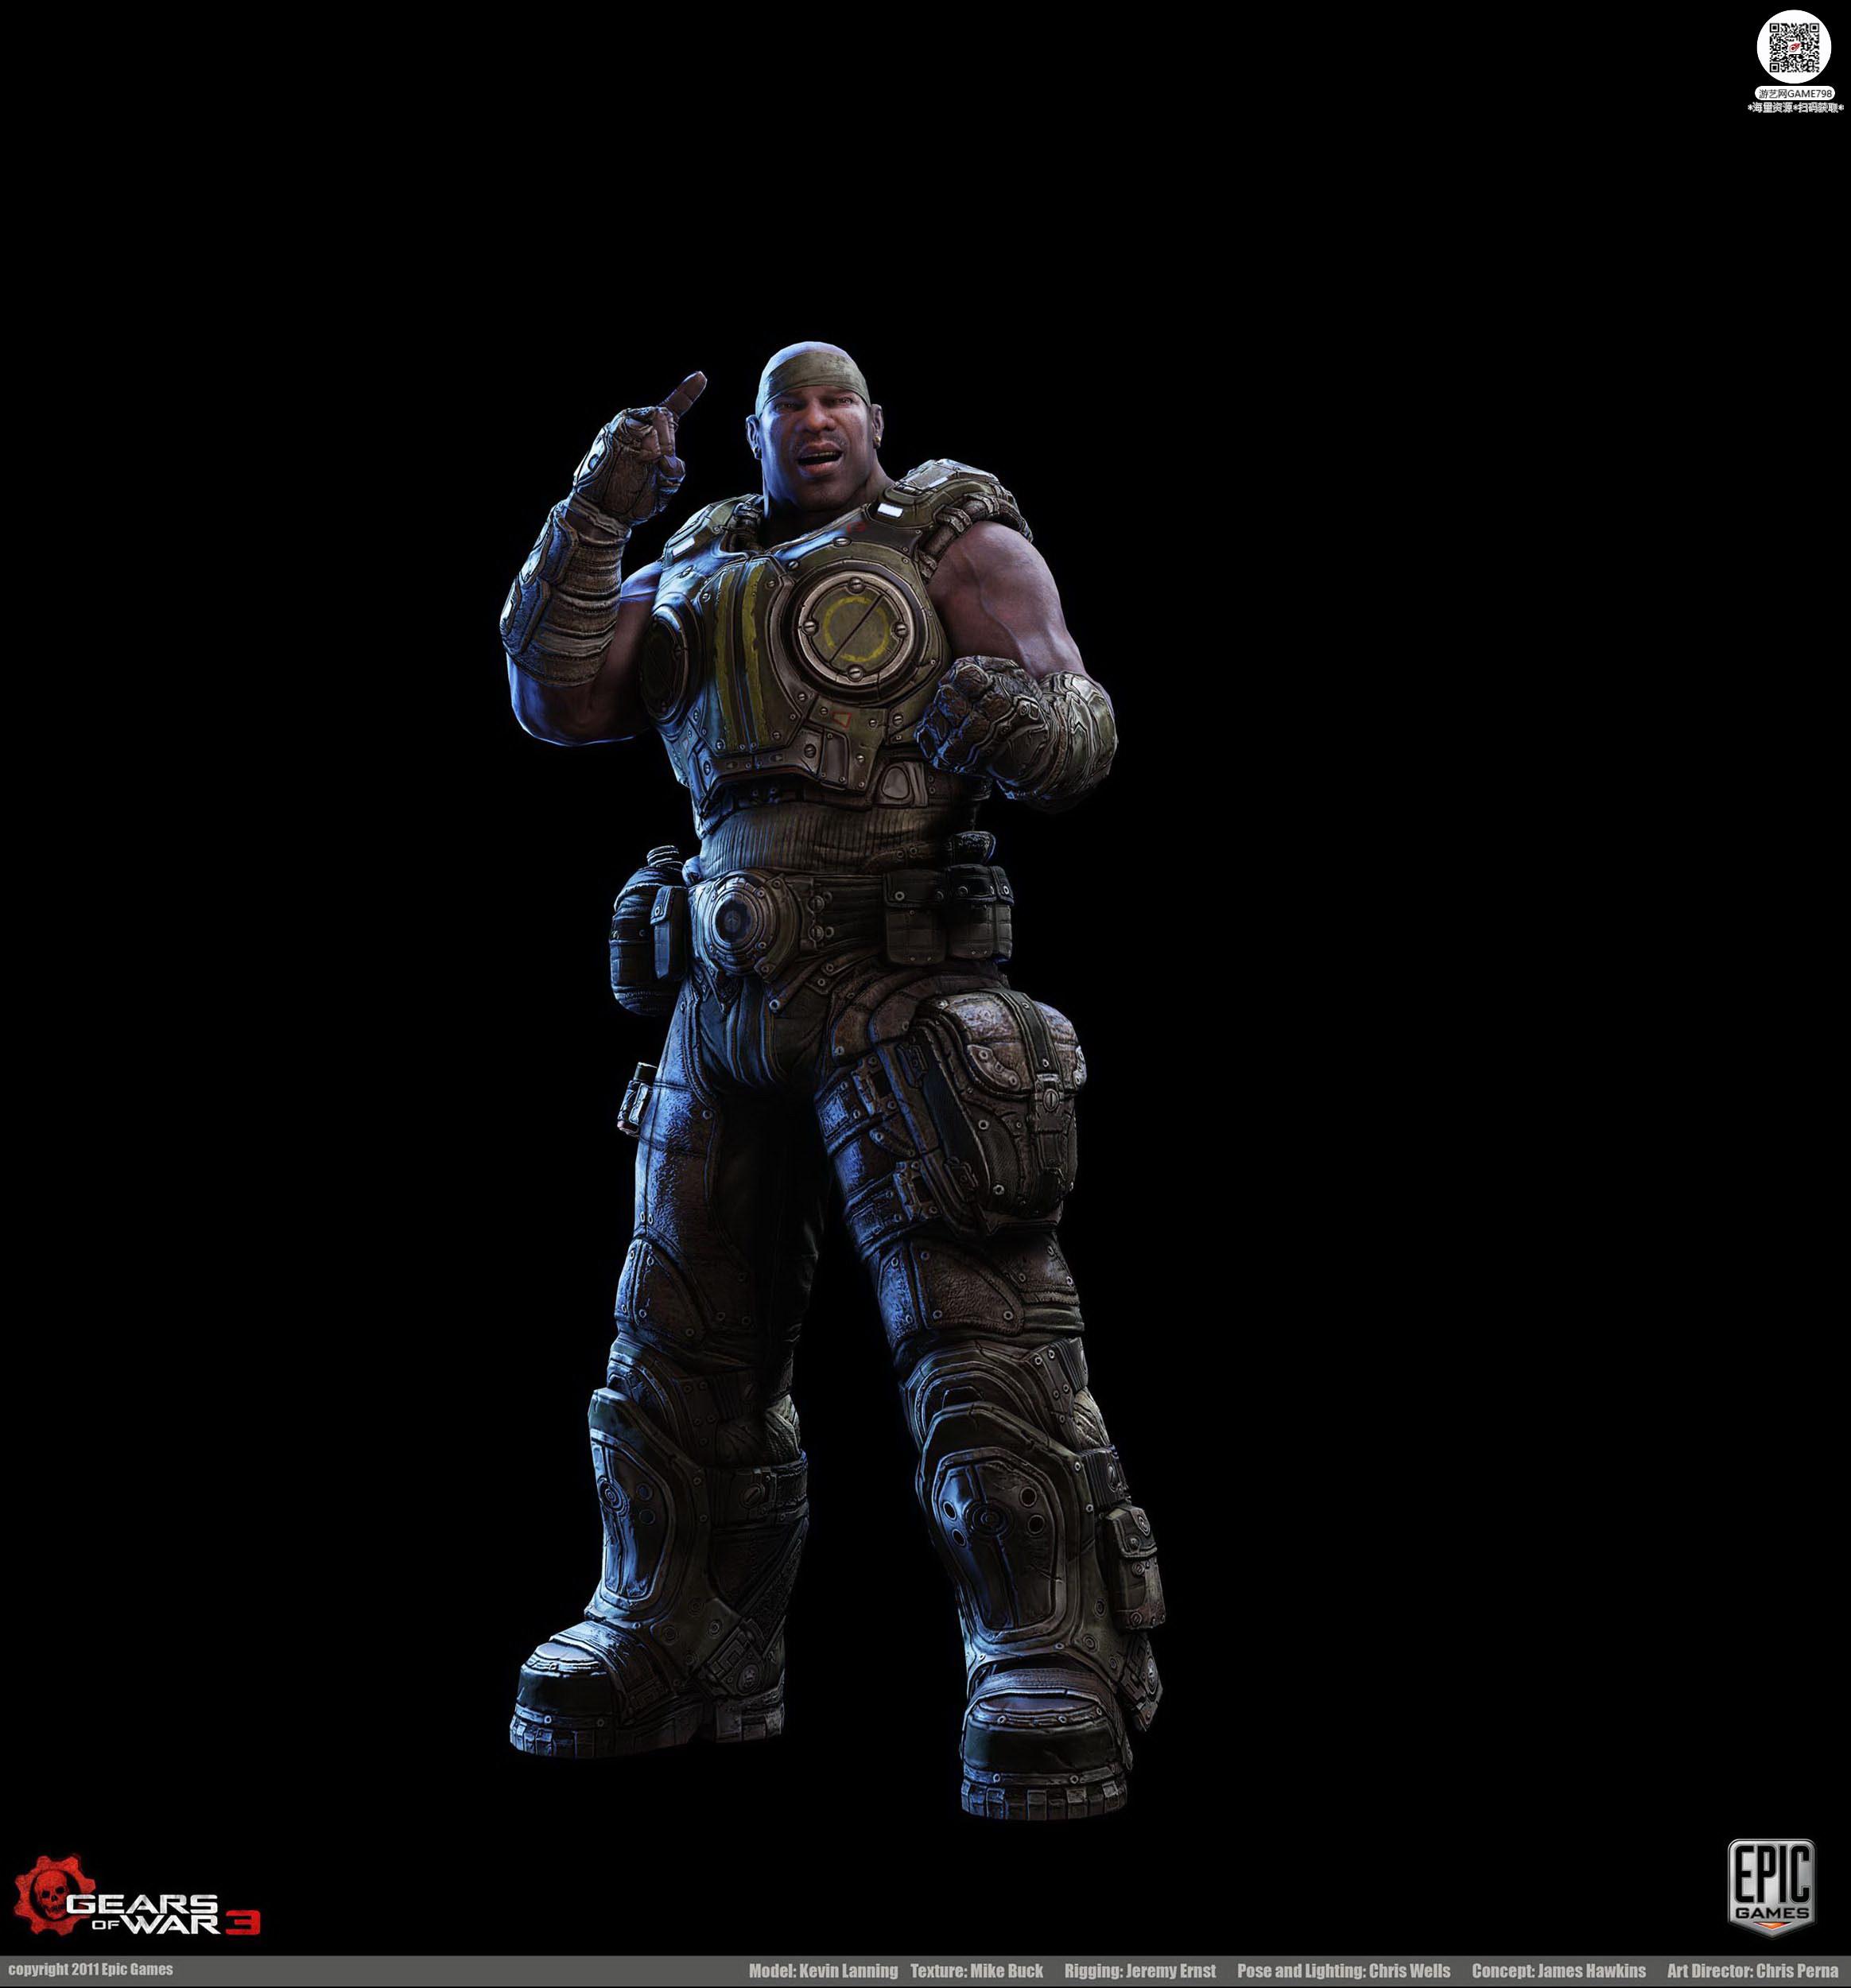 041_关注-游艺网GAME798海量资源下载【战争机器3|3D角色】经典角色设定.jpg